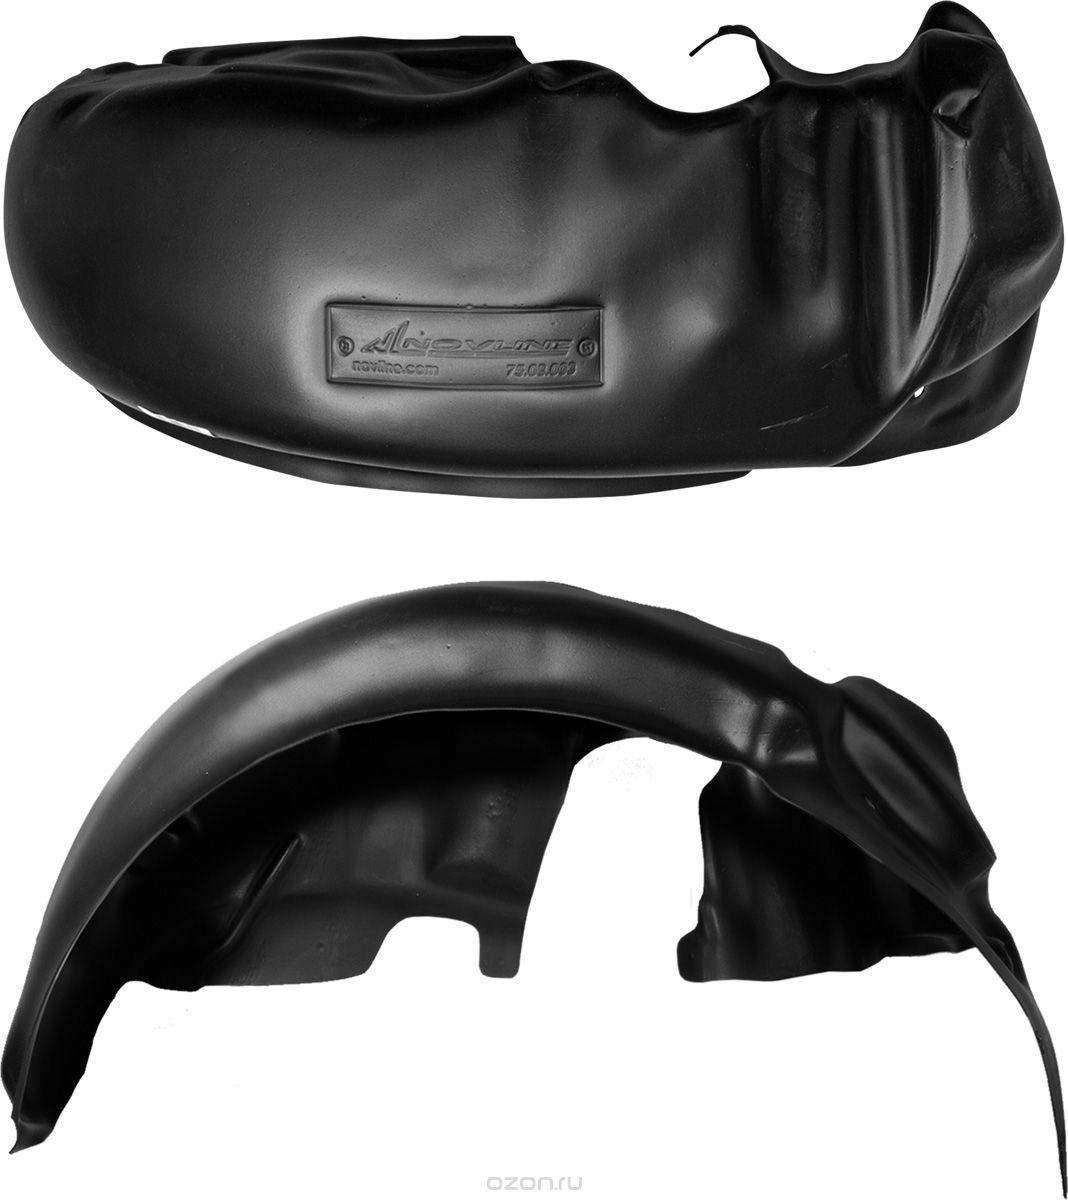 Подкрылок Novline-Autofamily, для TOYOTA Auris , 2012->, передний правый42803004Идеальная защита колесной ниши. Локеры разработаны с применением цифровых технологий, гарантируют максимальную повторяемость поверхности арки. Изделия устанавливаются без нарушения лакокрасочного покрытия автомобиля, каждый подкрылок комплектуется крепежом. Уважаемые клиенты, обращаем ваше внимание, что фотографии на подкрылки универсальные и не отражают реальную форму изделия. При этом само изделие идет точно под размер указанного автомобиля.